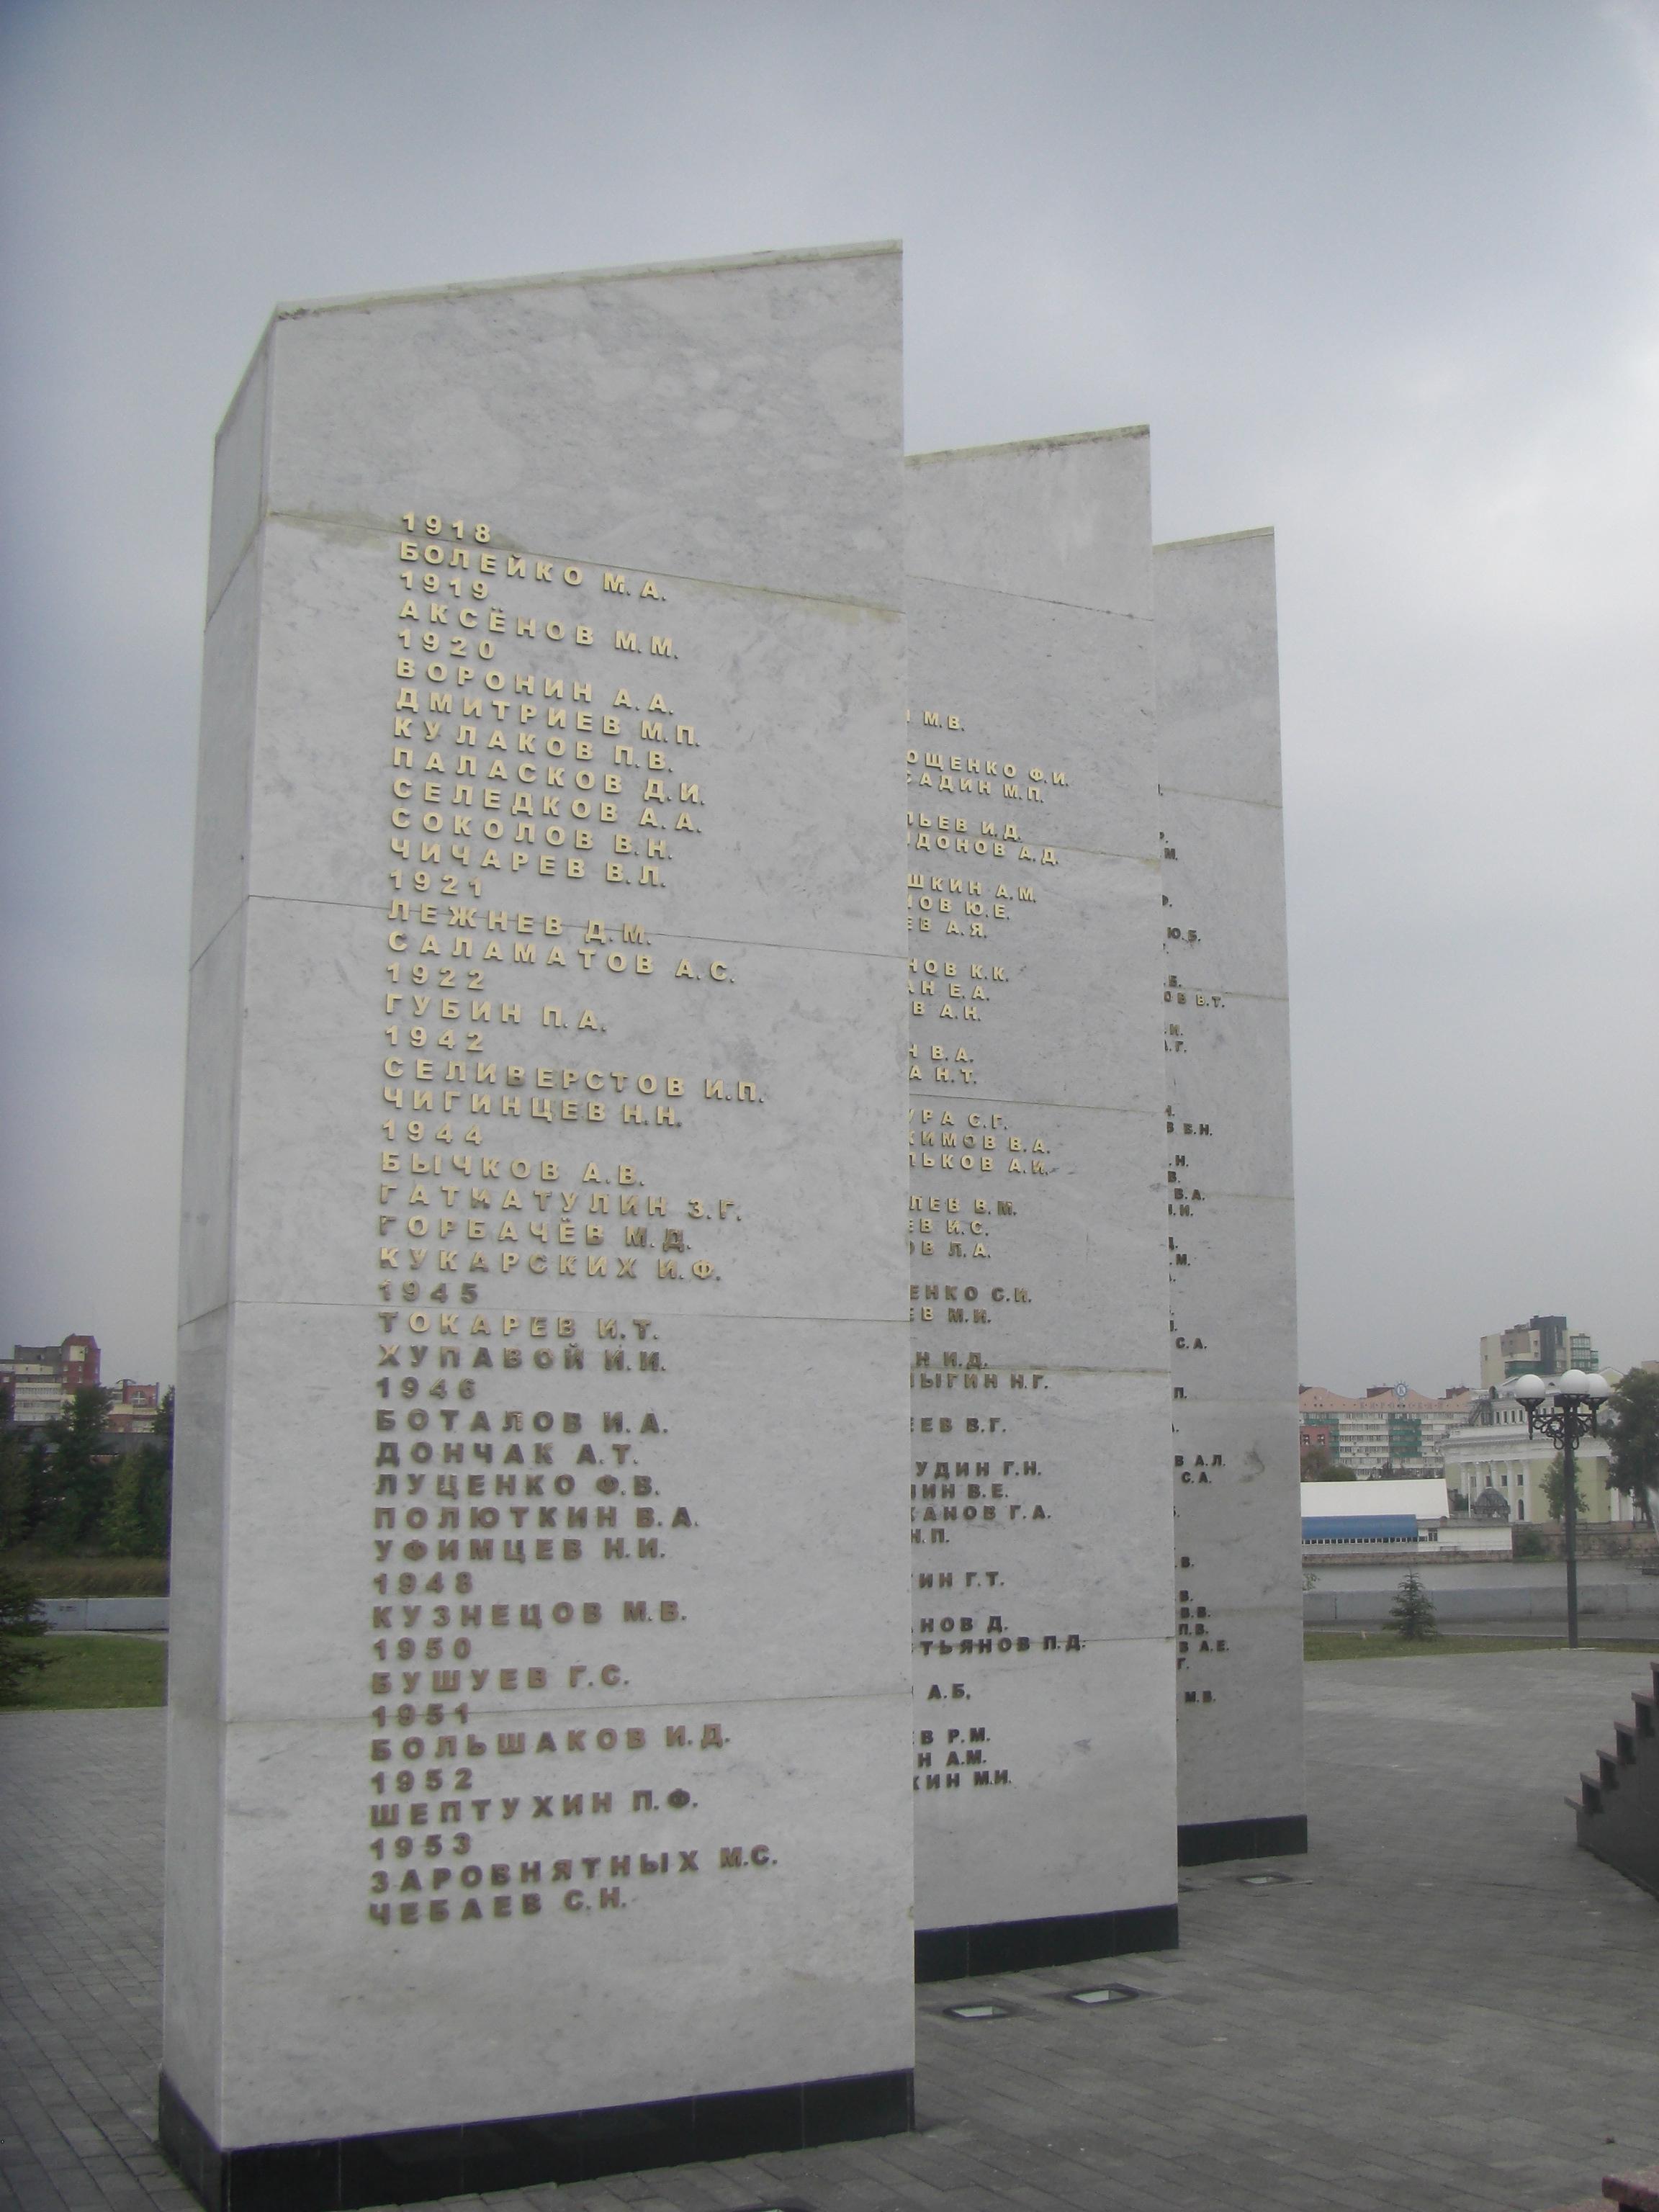 Как это не парадоксально, но в тяжёлые годы революции, гражданской войны и послевоенного разгула бандитизма в Челябинске погибло менее двух десятков милиционеров (26.05.2015)